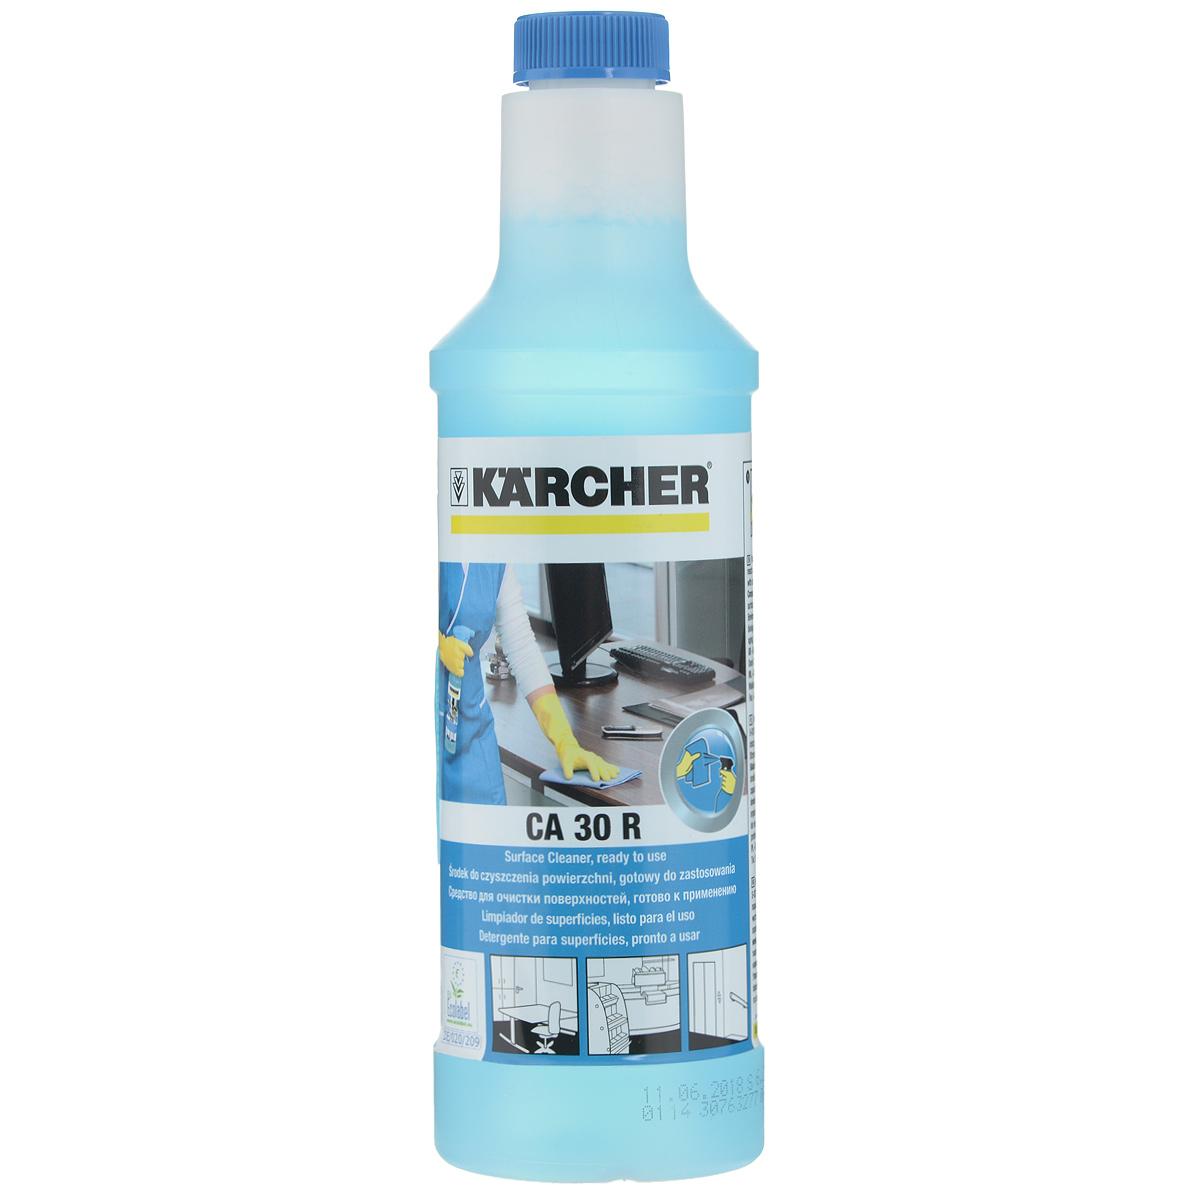 Чистящее средство Karcher CA 30 R, для очистки поверхностей, 500 мл 6.295-708.06.295-708.0Чистящее средство для ухода Karcher CA 30 R идеально подходит для очистки различных поверхностей. Средство отлично удаляет грязь не оставляя за собой разводов. Состав: <5% неионные тензиды, ароматизаторы.